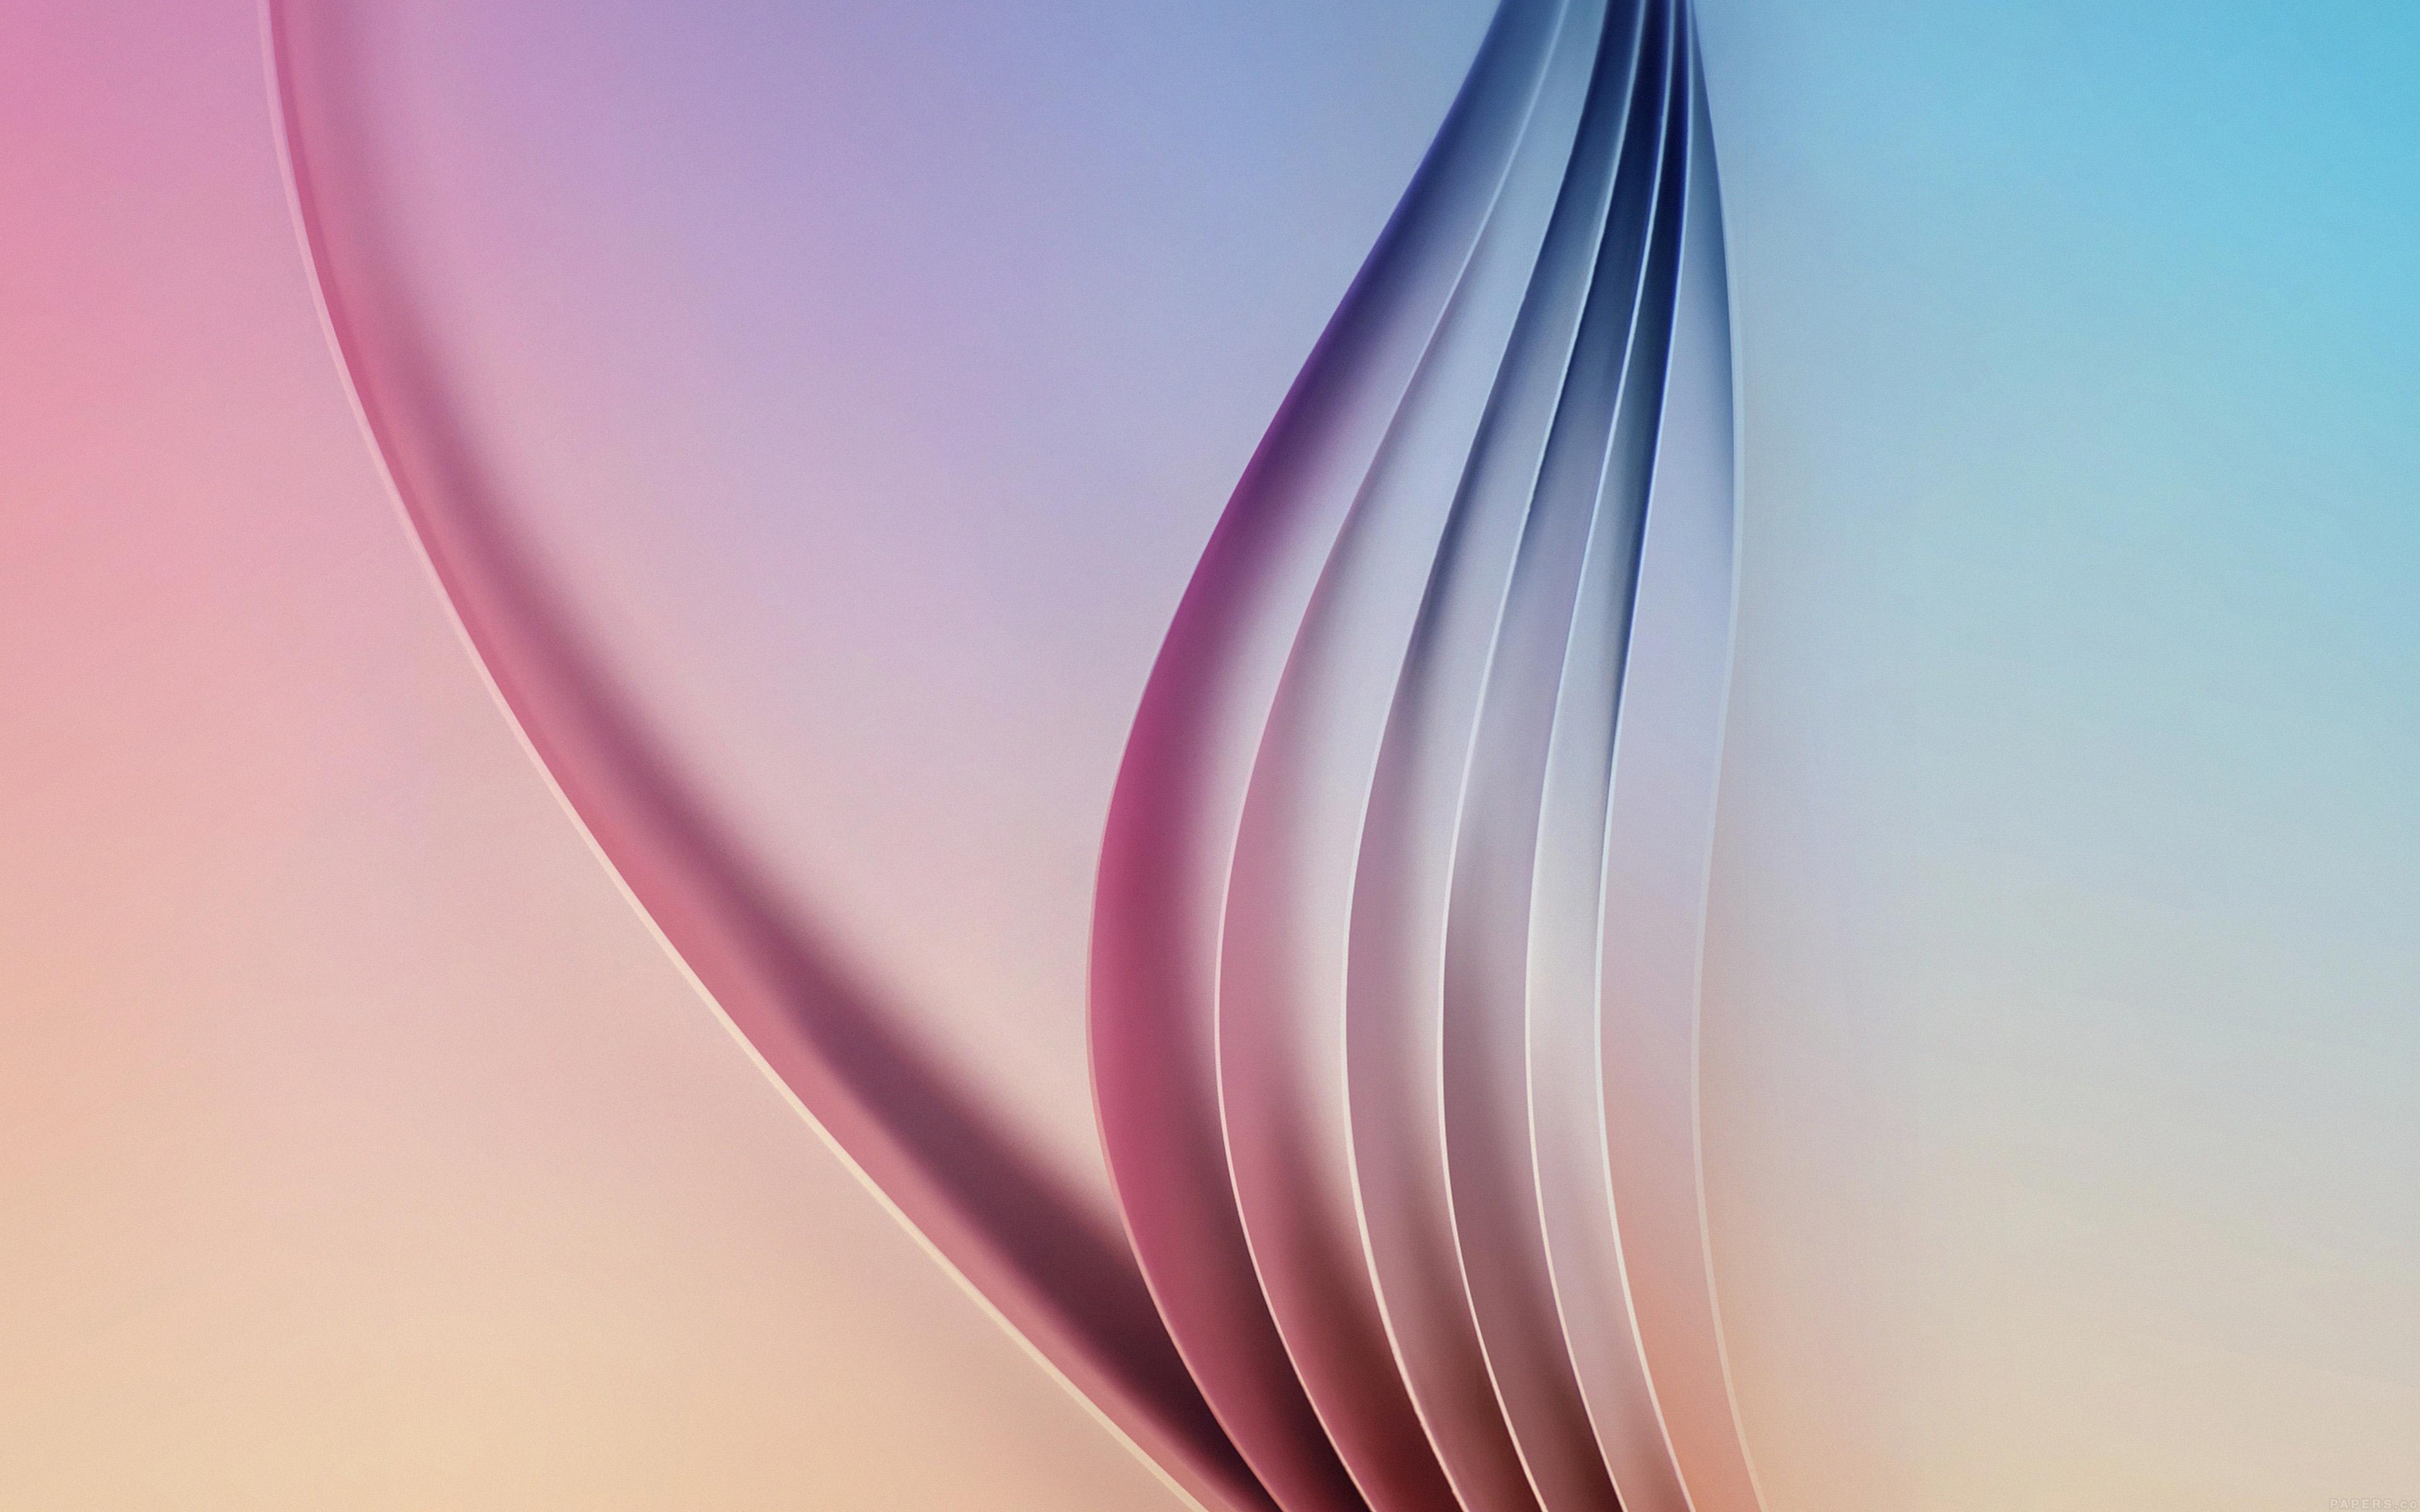 Wallpaper For Desktop Laptop Vh64 Line Art Samsung Galaxy